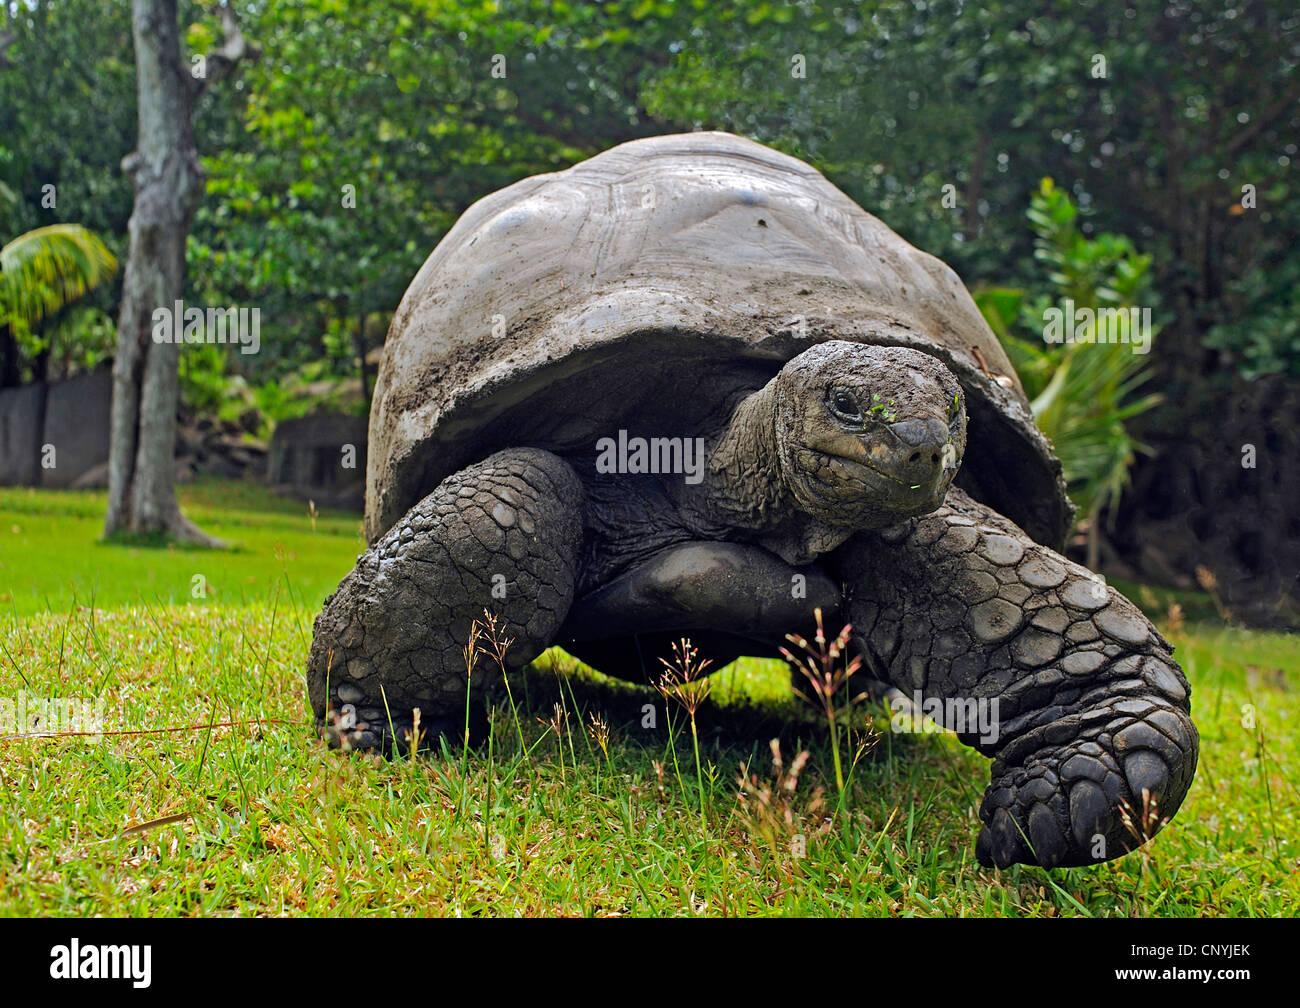 Seychelles Aldabran tortuga gigante, tortuga gigante, tortuga gigante de Aldabra (Aldabrachelys gigantea, Testudo gigantea, Geochelone gigantea, Megalochelys gigantea), caminando en un prado, Seychelles, La Digue Foto de stock